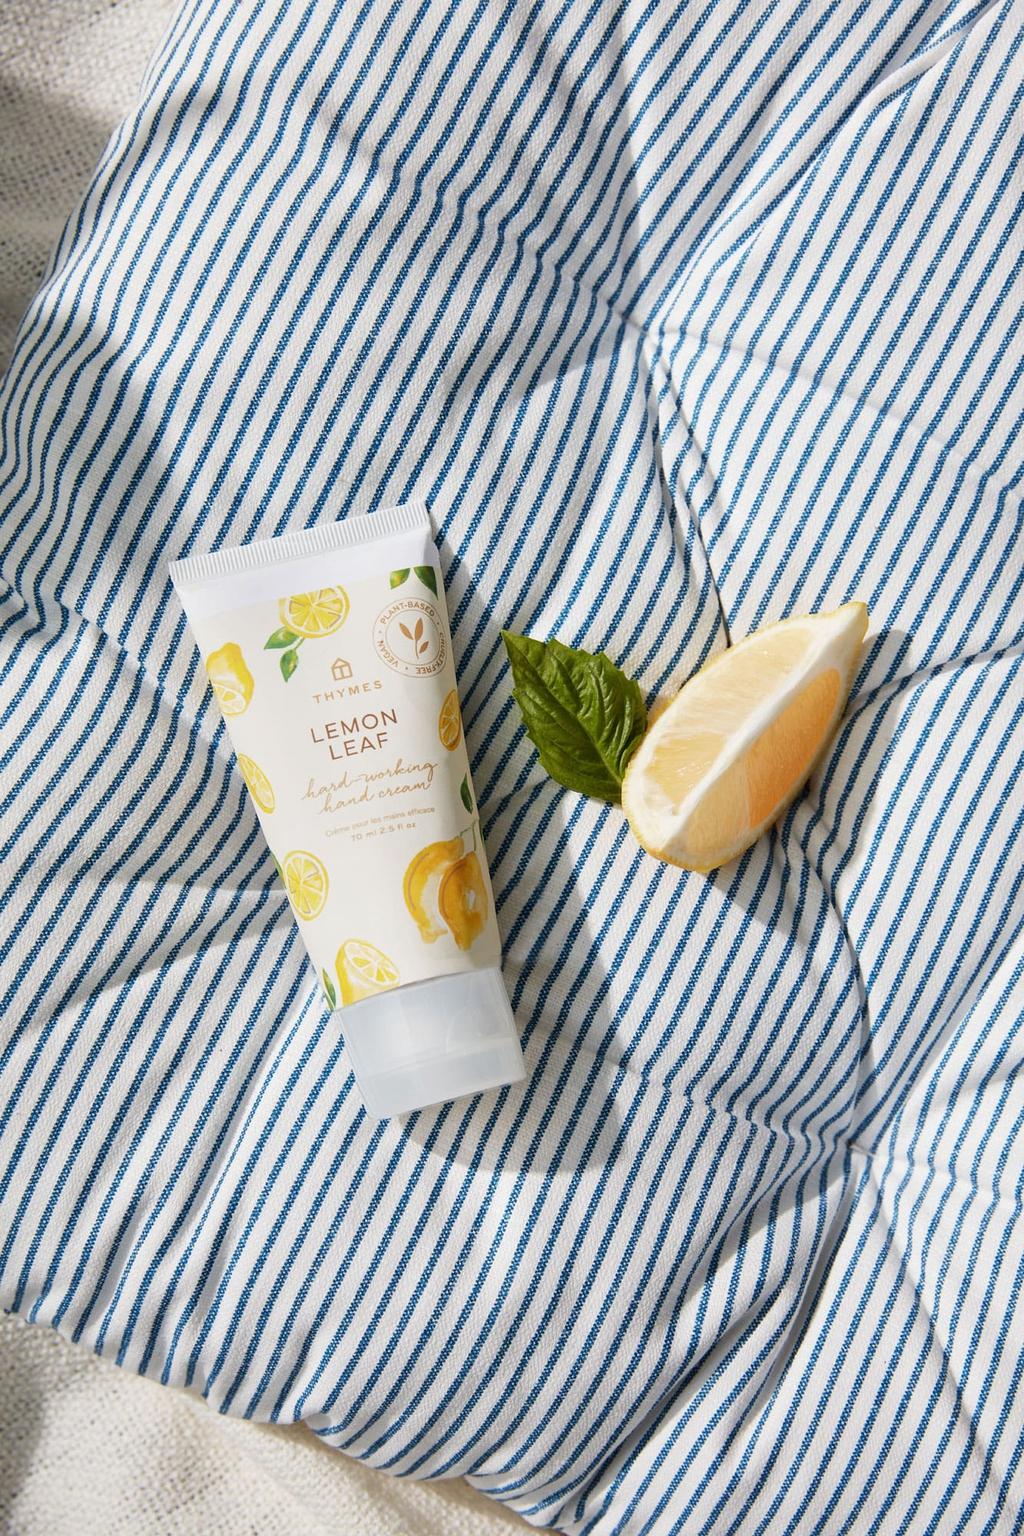 Lemon Leaf Fragrance Collection